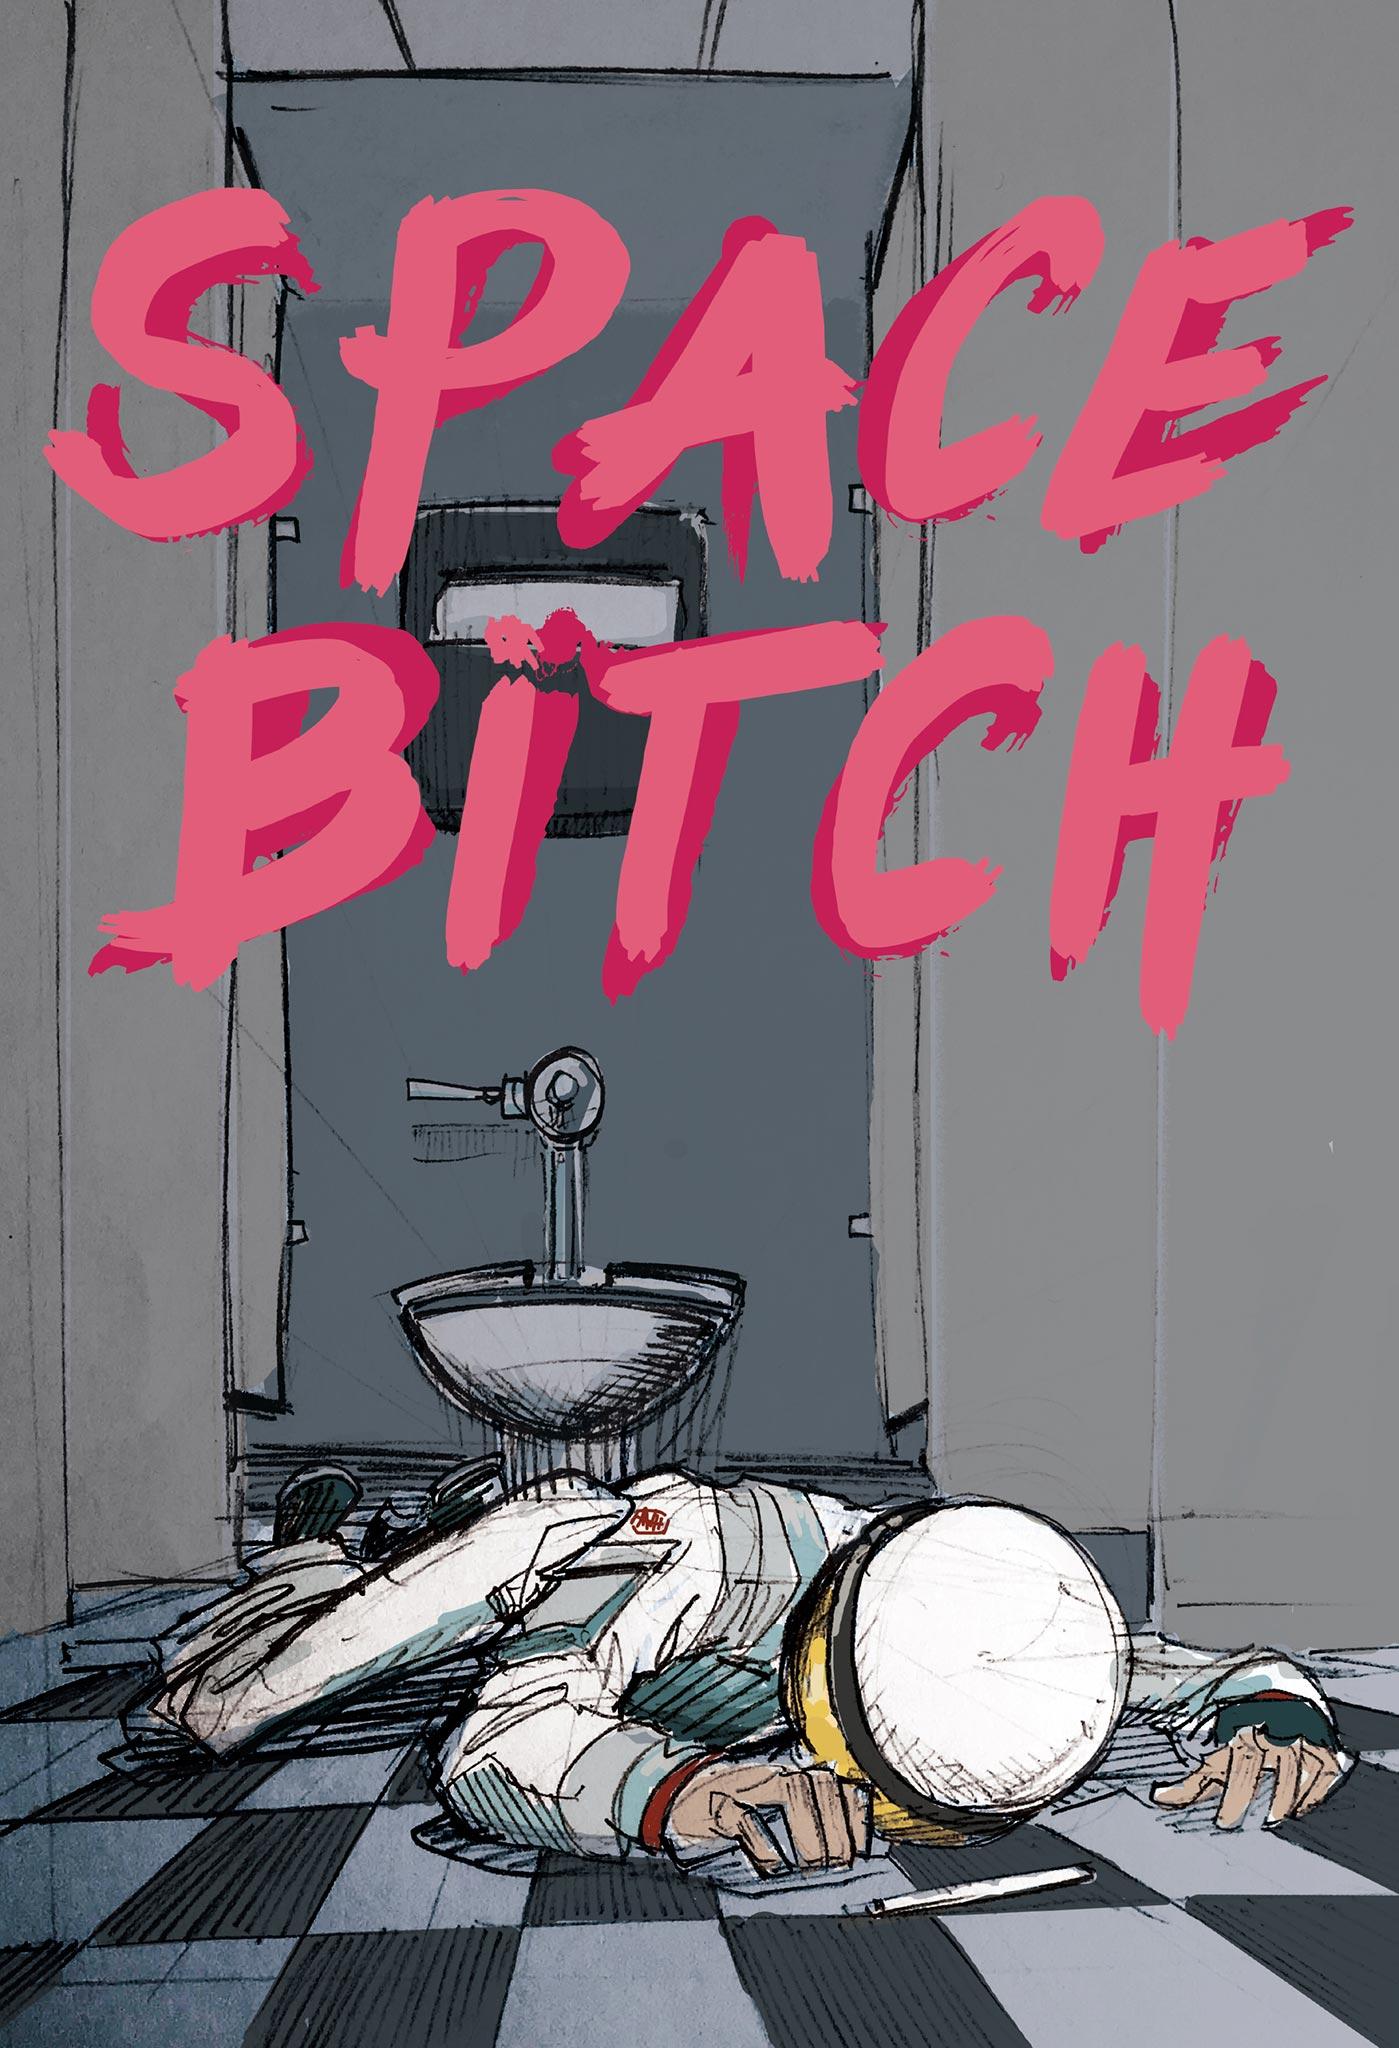 space bitch - short film - concept art / art direction + illustration